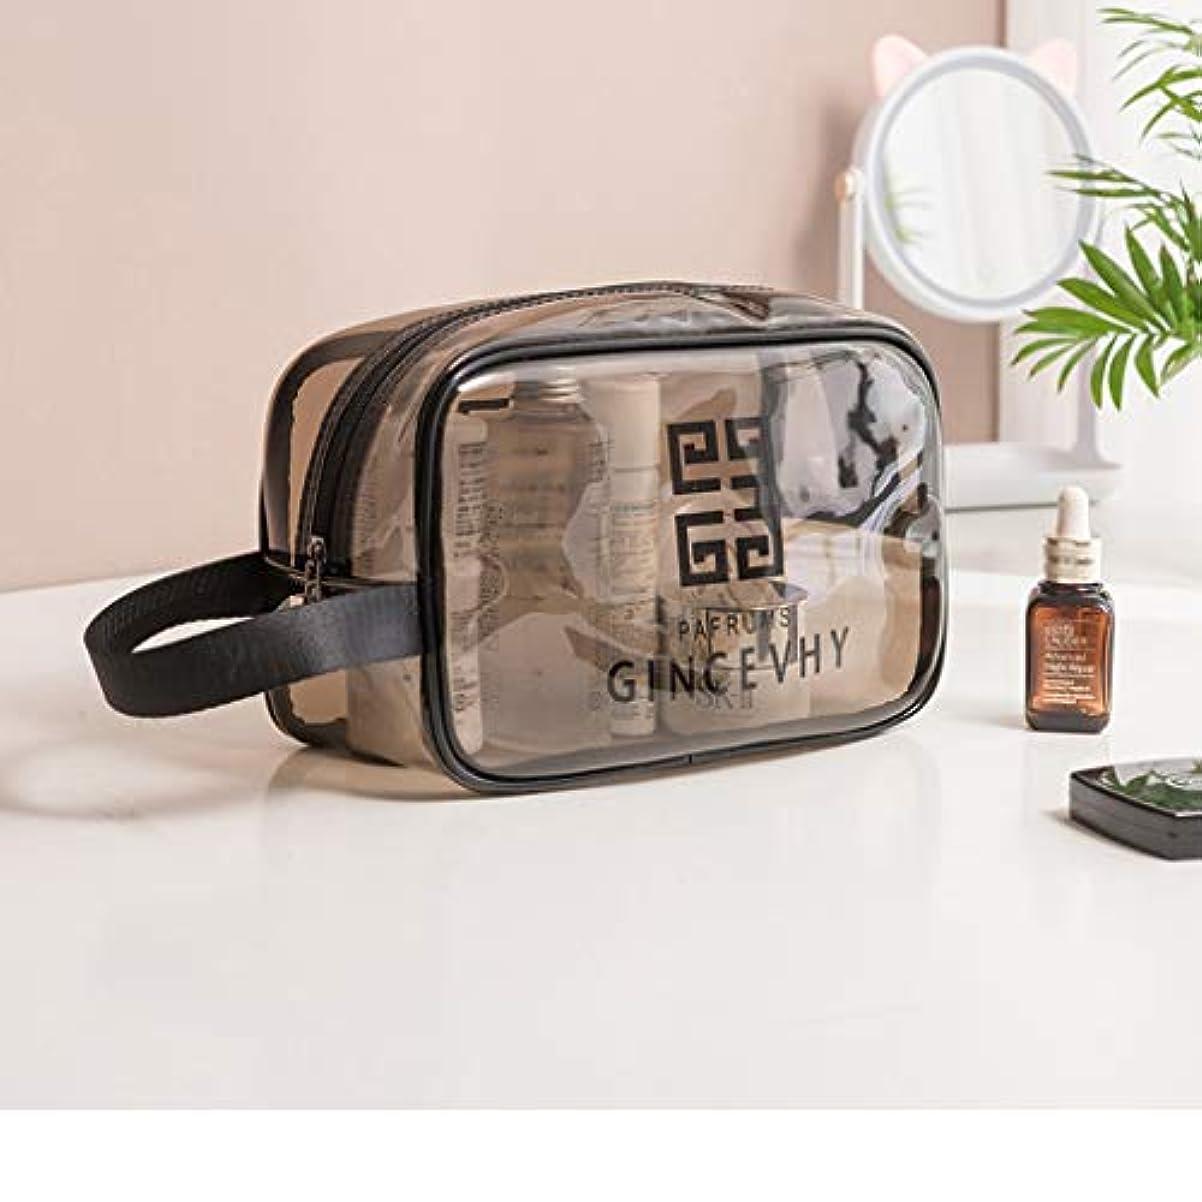 コンパクト人柄腕Zhiop メンズ レディース 防水 コンパクト 収納 メイクブラシポーチ化粧品 透明メッシュ温泉 ビーチサイド旅行 化粧ポーチ メイクポーチ 大容量